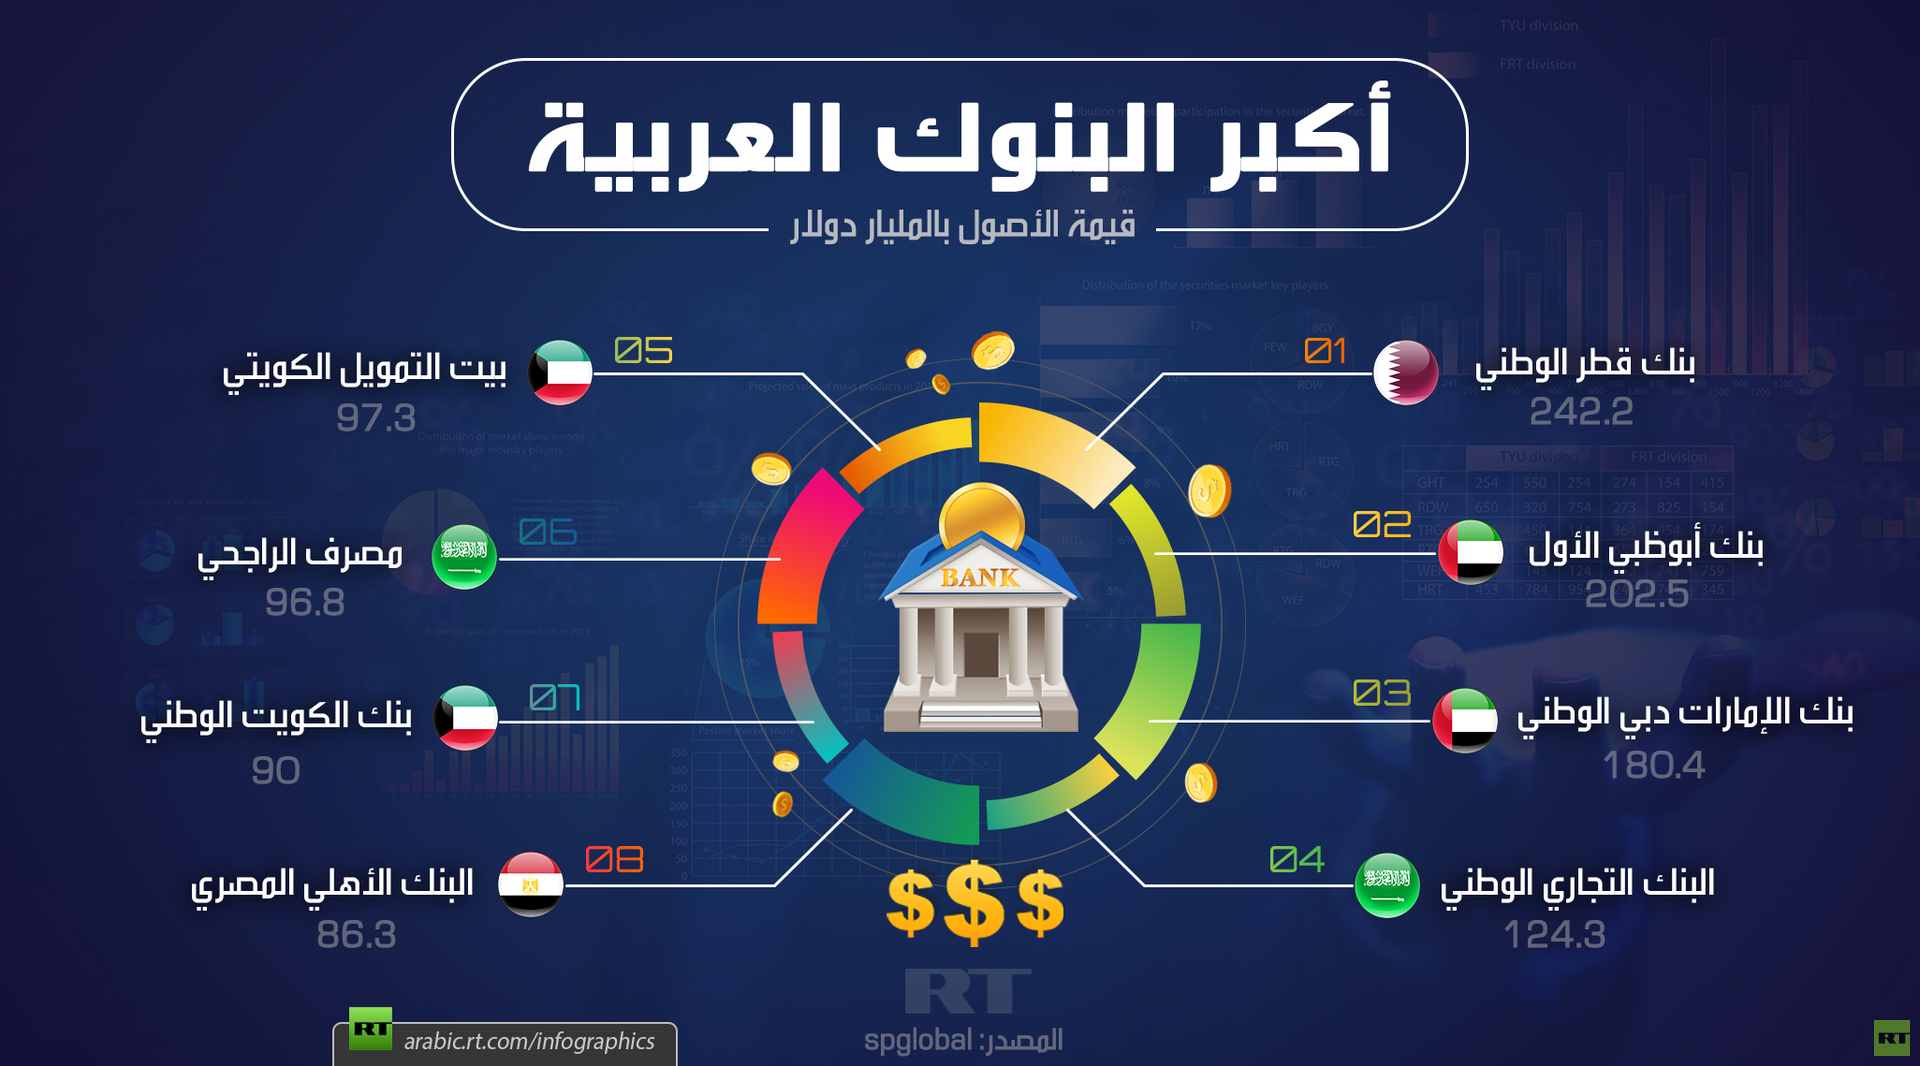 أكبر البنوك العربية 2019